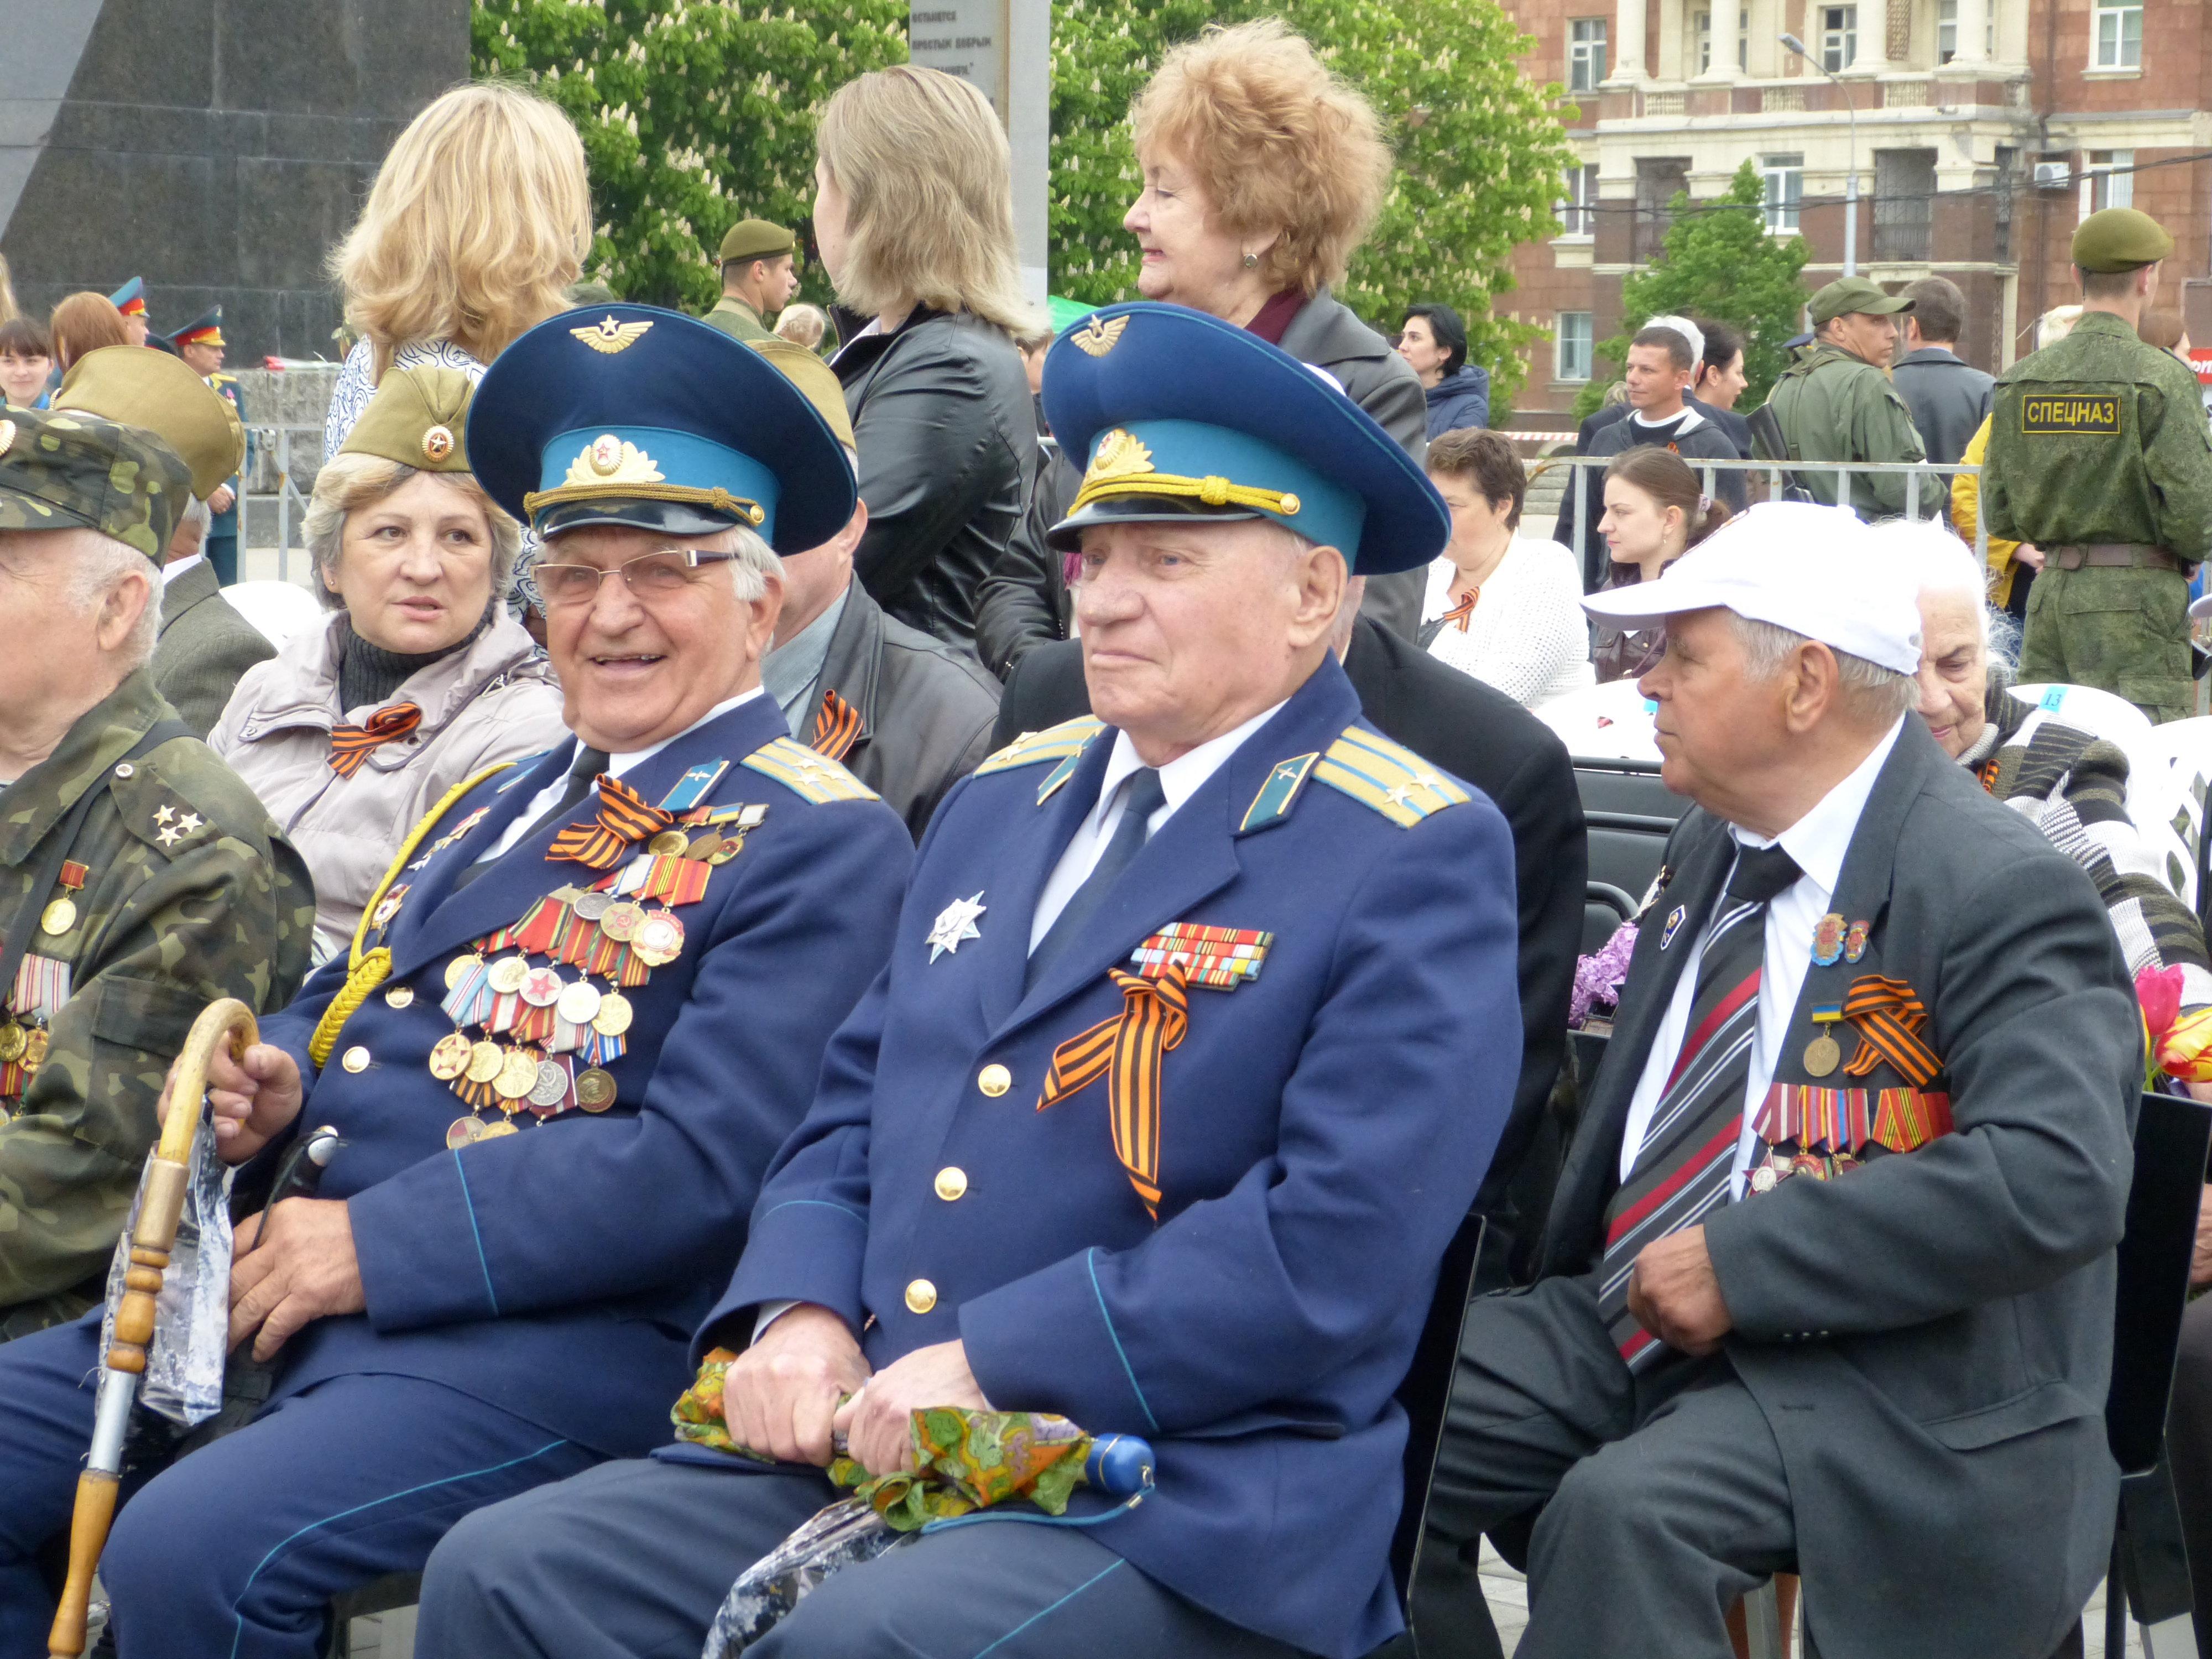 A donetsk si continua a celebrare il giorno della vittoria - Papaveri e veterani giorno di papaveri e veterani ...